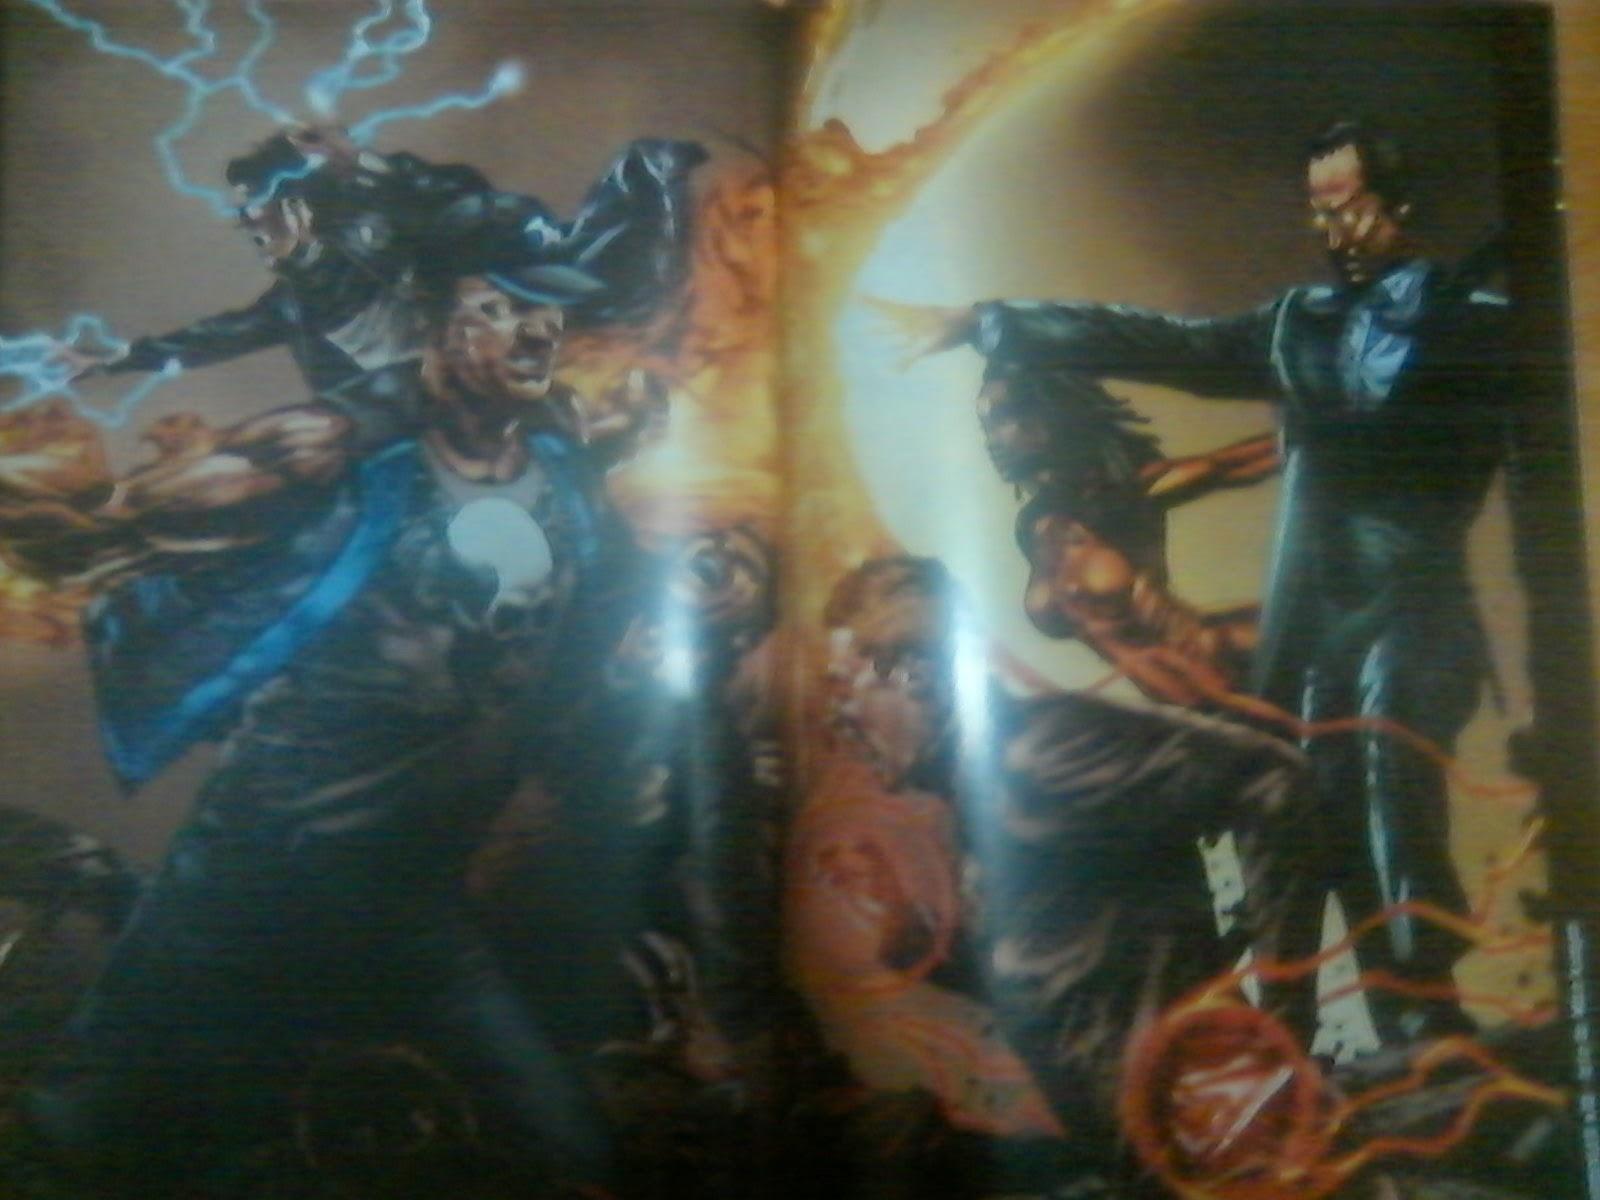 Universo Valiant 3, Harbinger, Blooshot, mutantes, HQmaniacs, editora HQM, Joshua Dysart, Pere Pérez